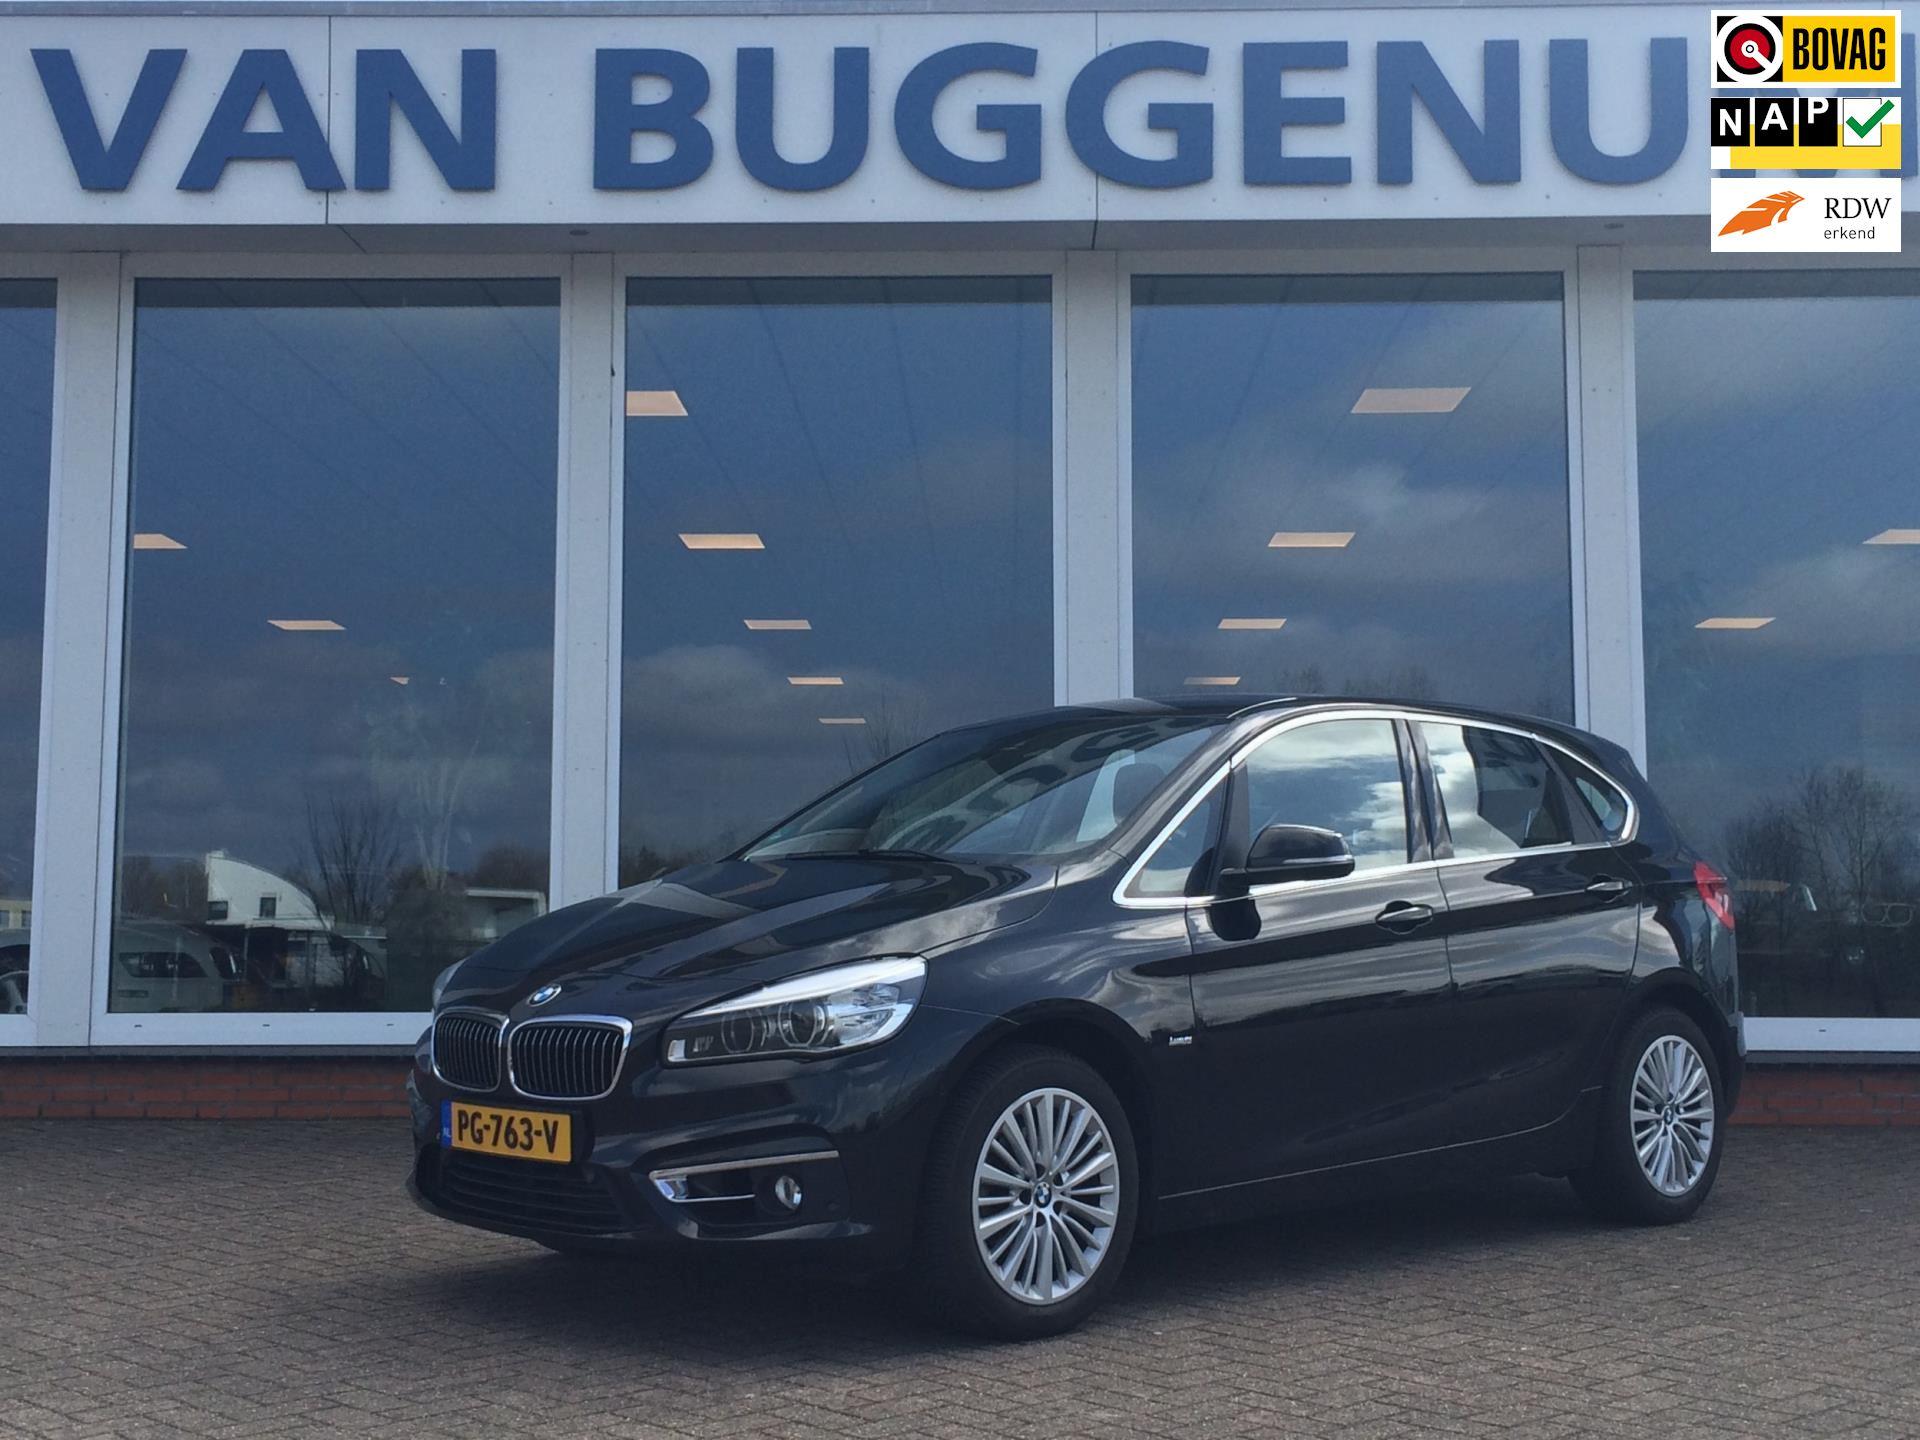 BMW 2-serie Active Tourer occasion - Automobielbedrijf J. van Buggenum